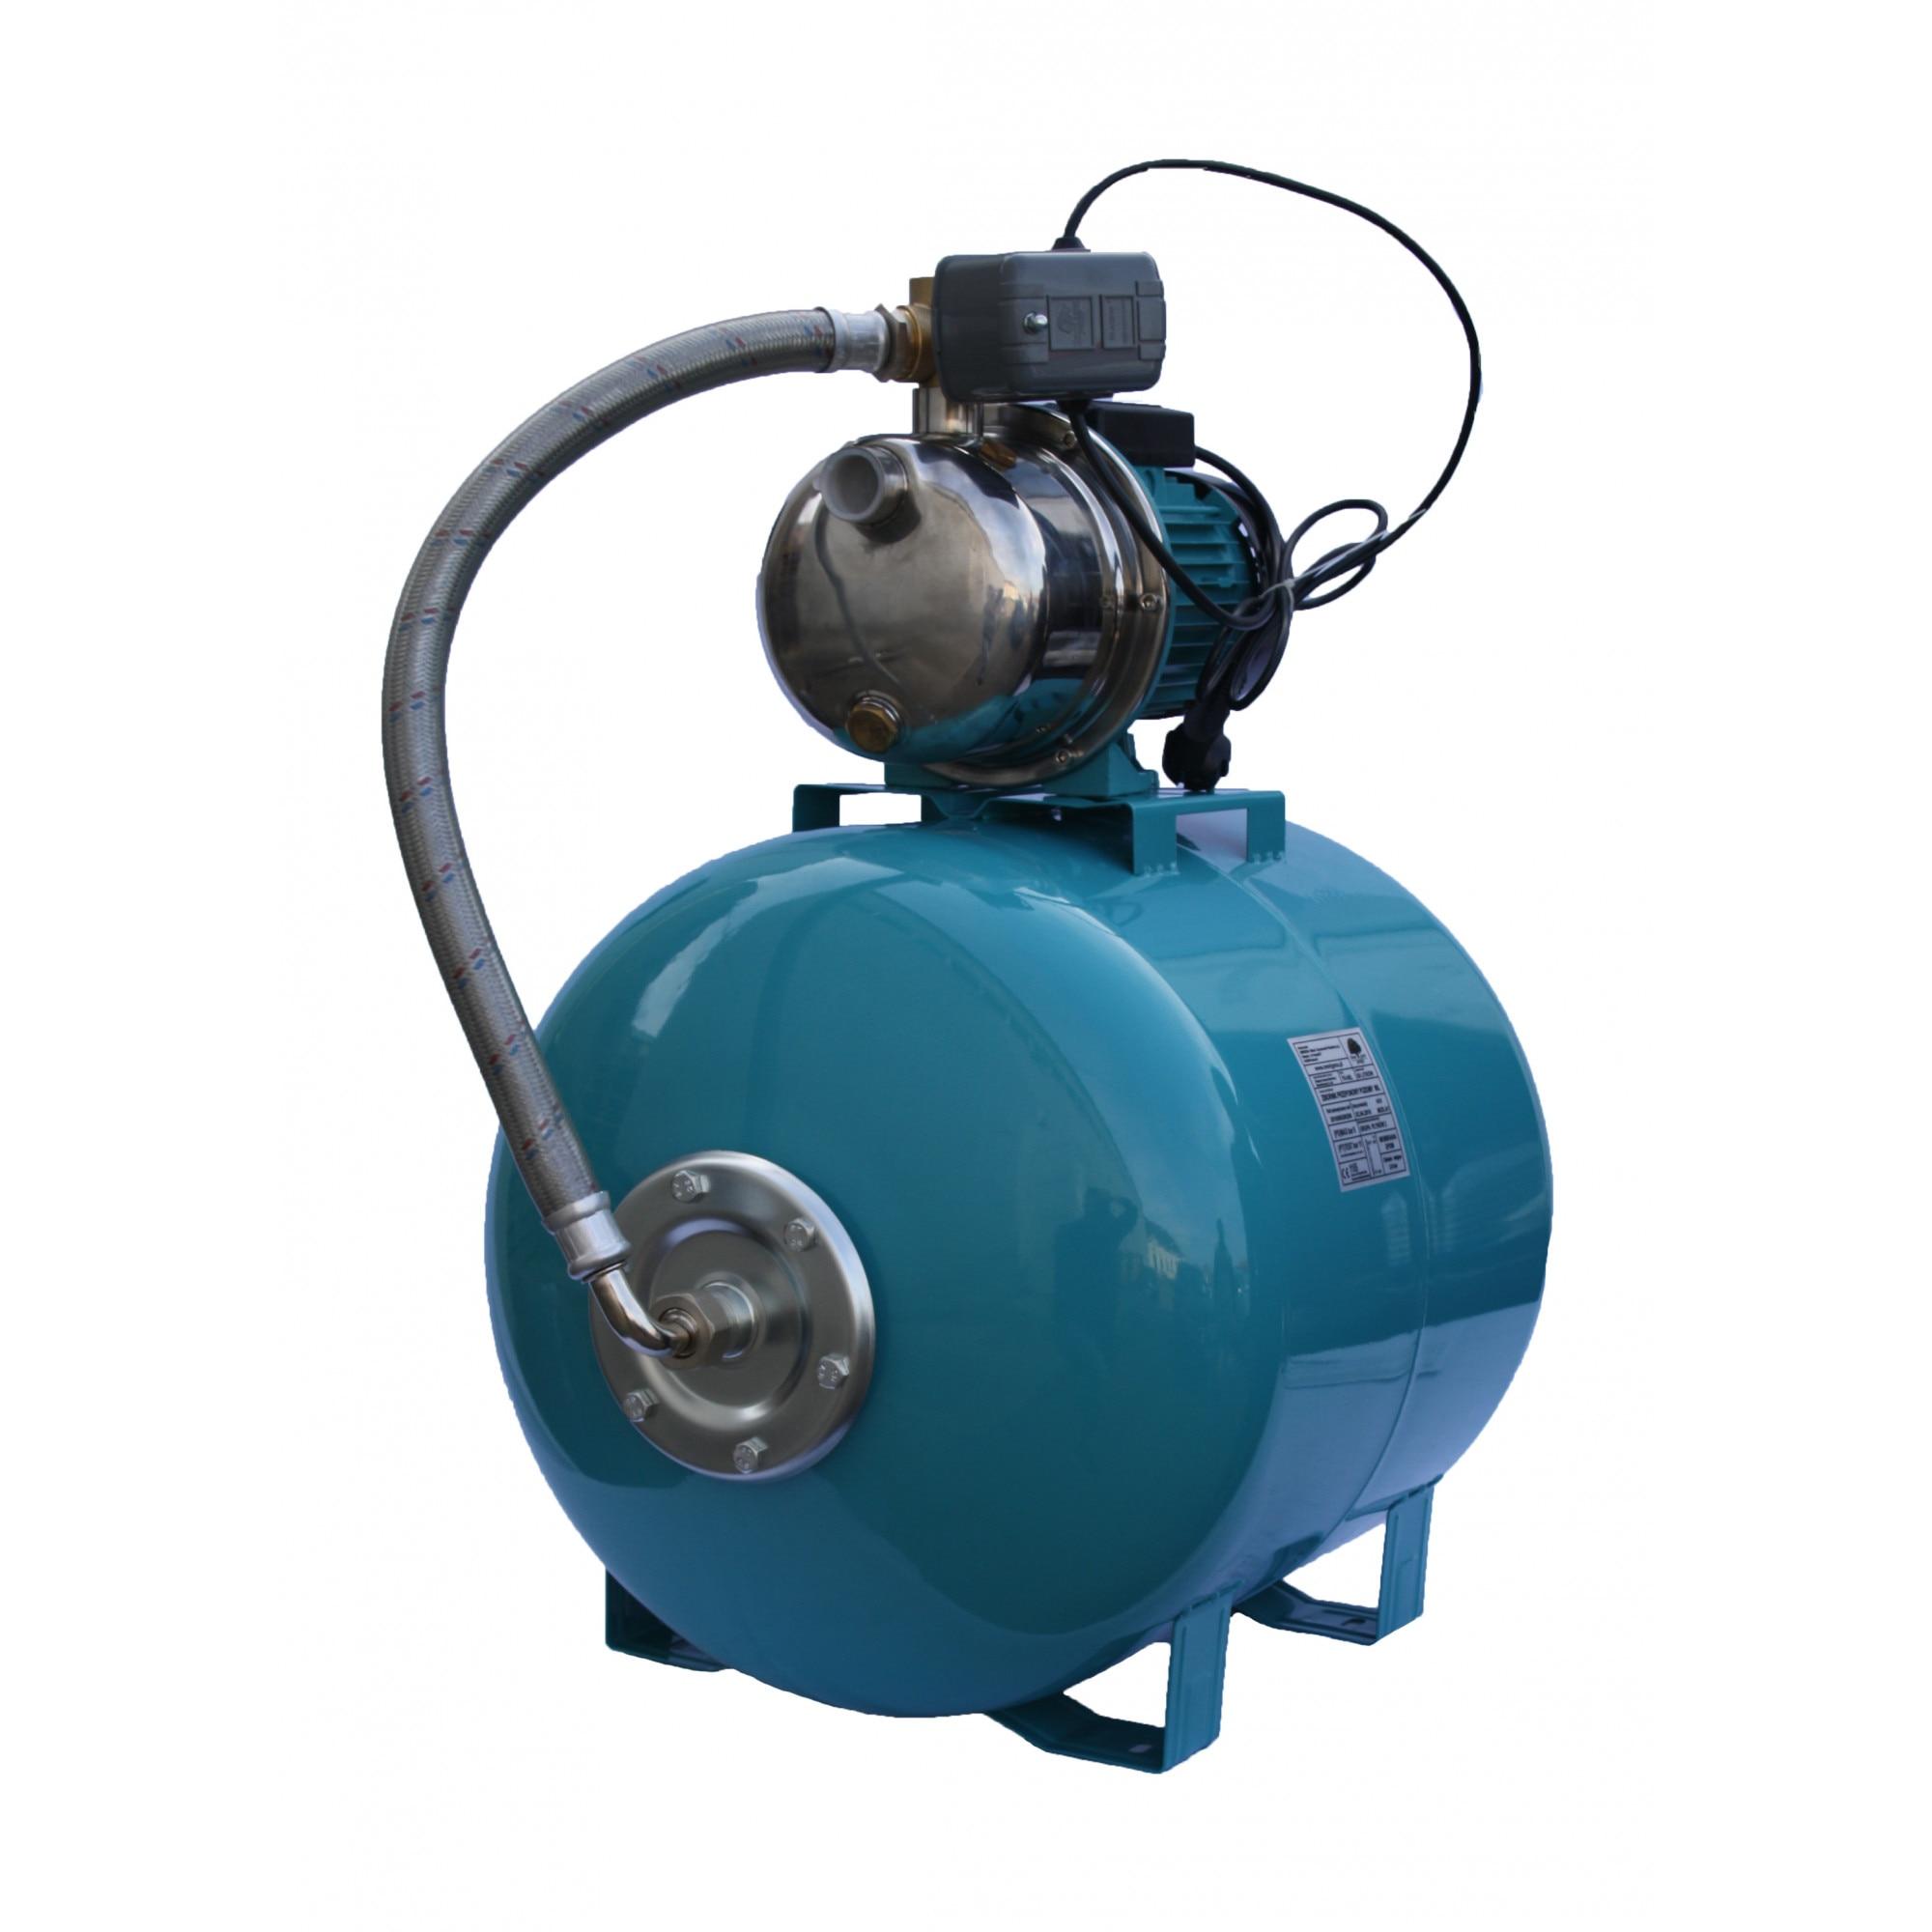 """Fotografie Hidrofor apa curata Influent Economic TS5005/100, 1100 W, 220 V, 100 l capacitate vas expansiune, 1"""" diametru racord, 3300 l/h debit maxim, 46 m inaltime refulare, 9 m adancime absorbtie"""